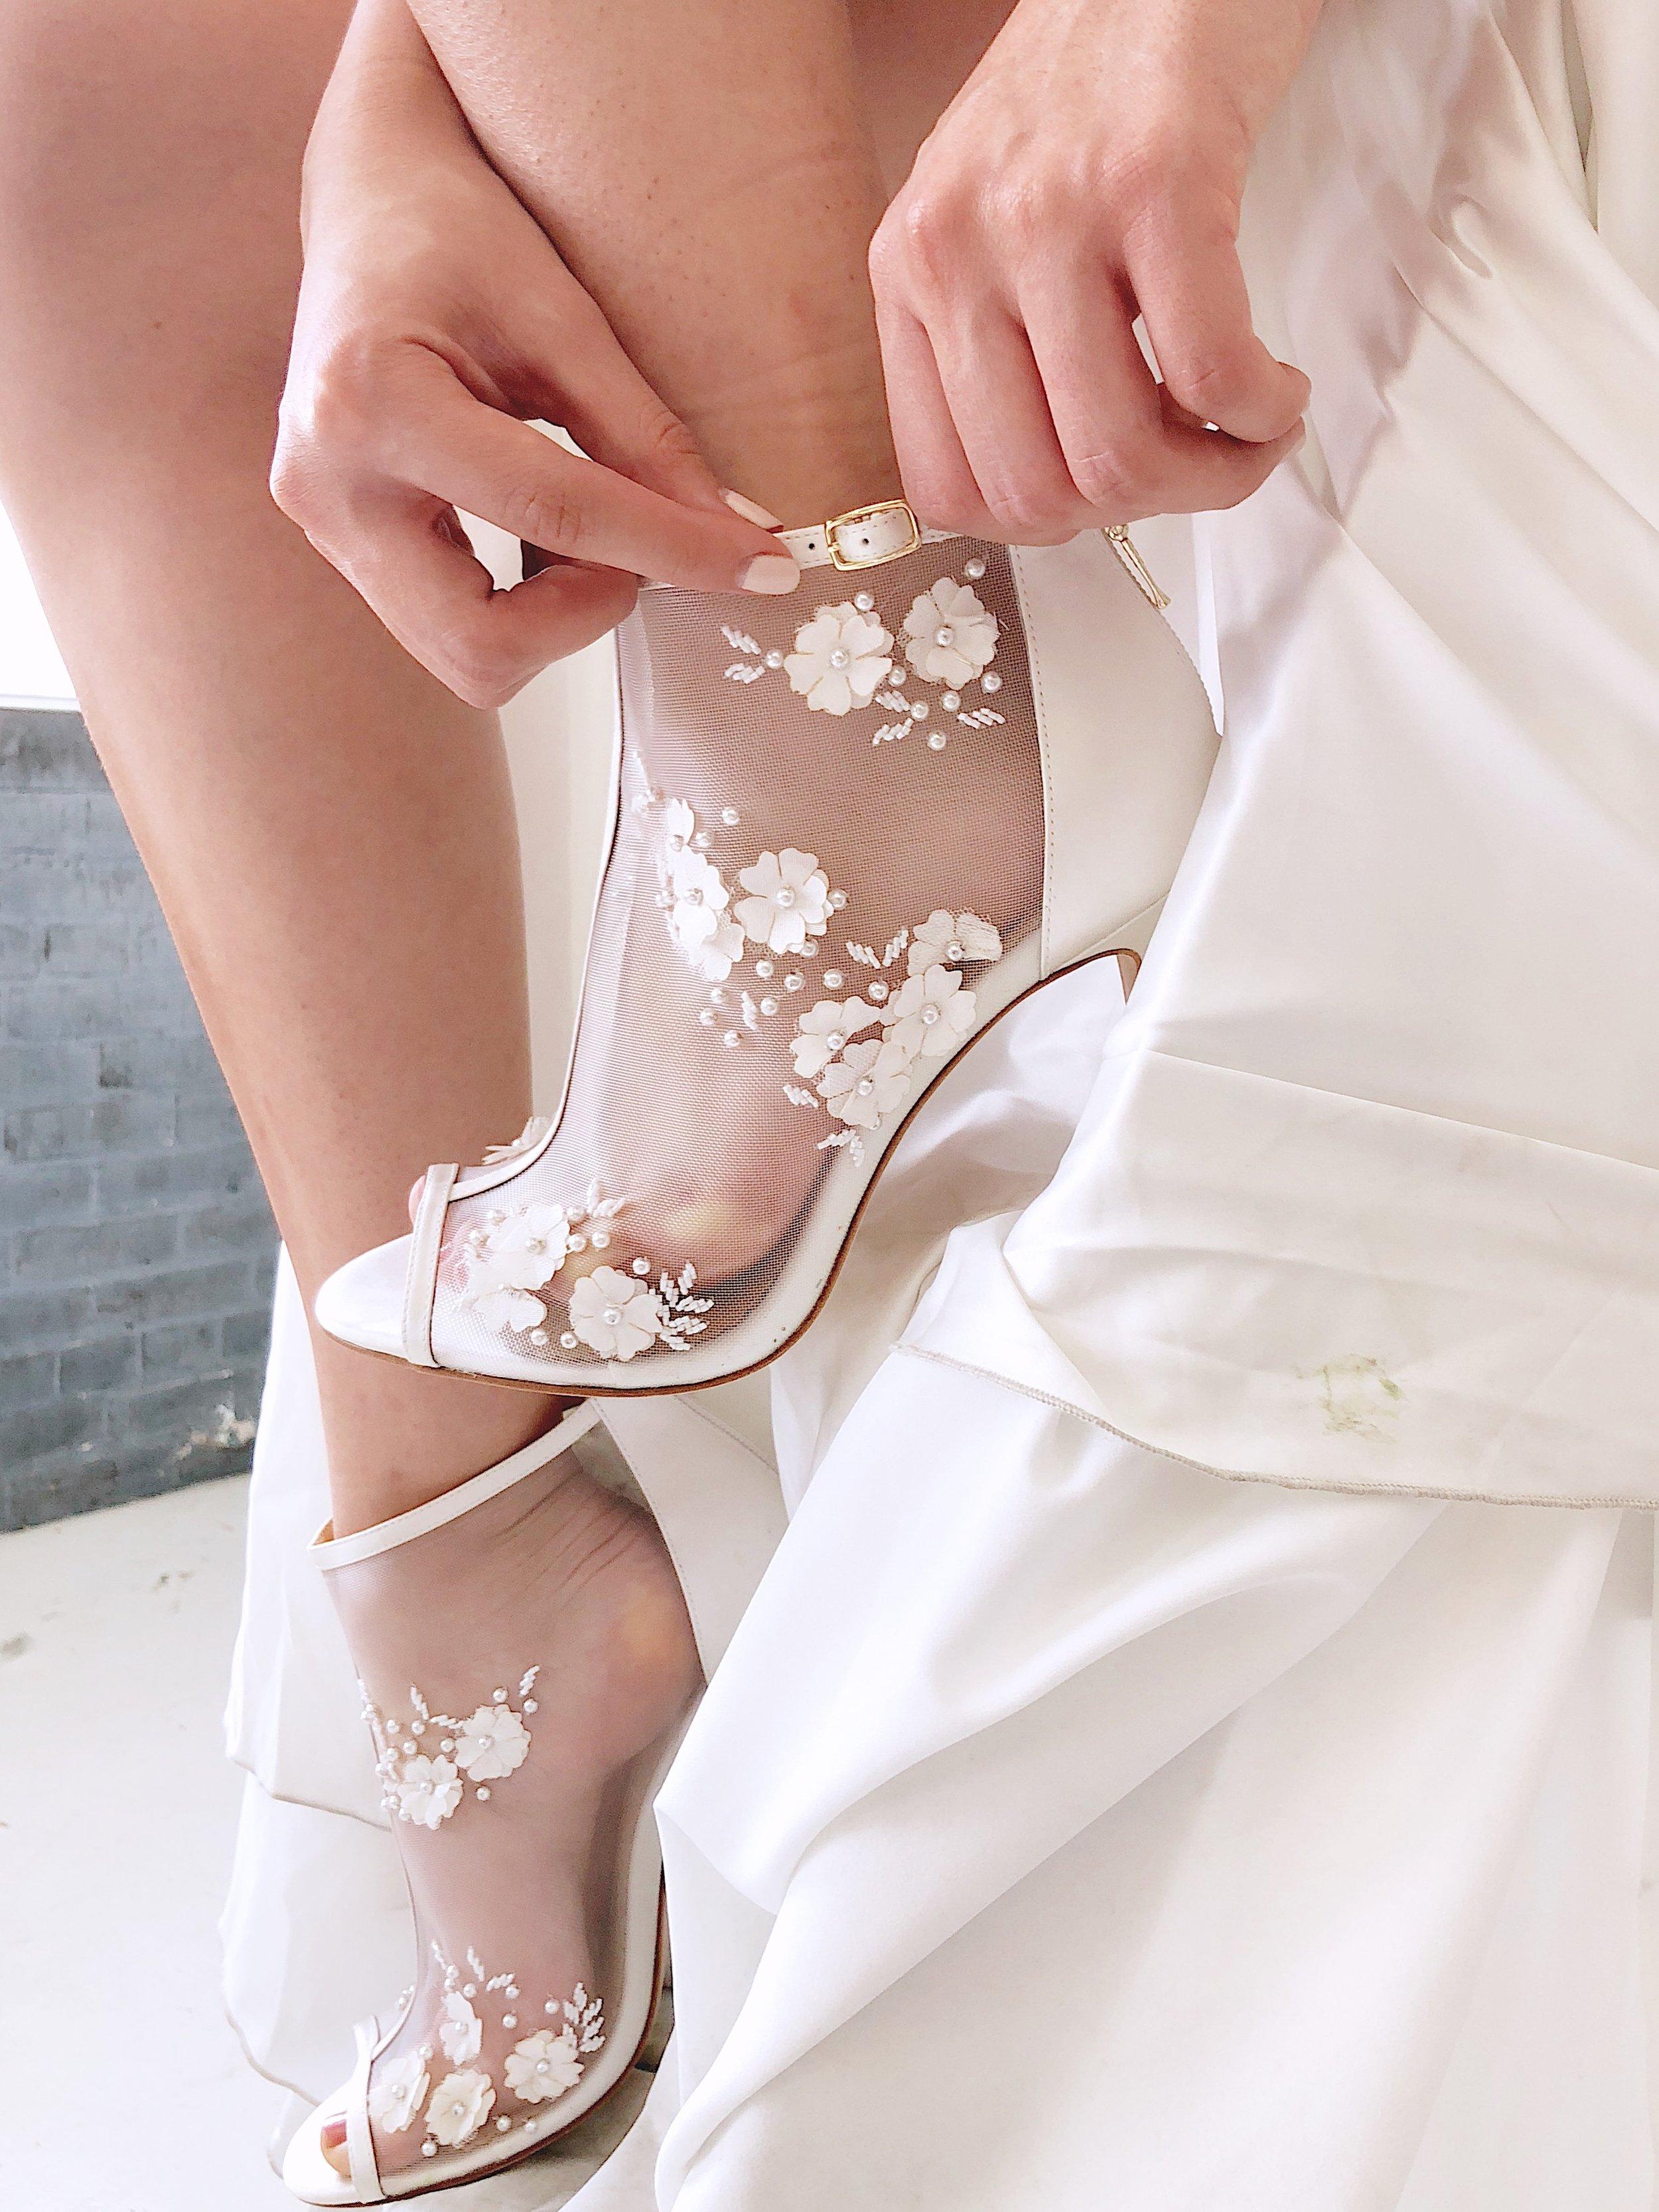 Bella-Belle-Shoes-Houston-Texas-Photo-Shoot.JPG